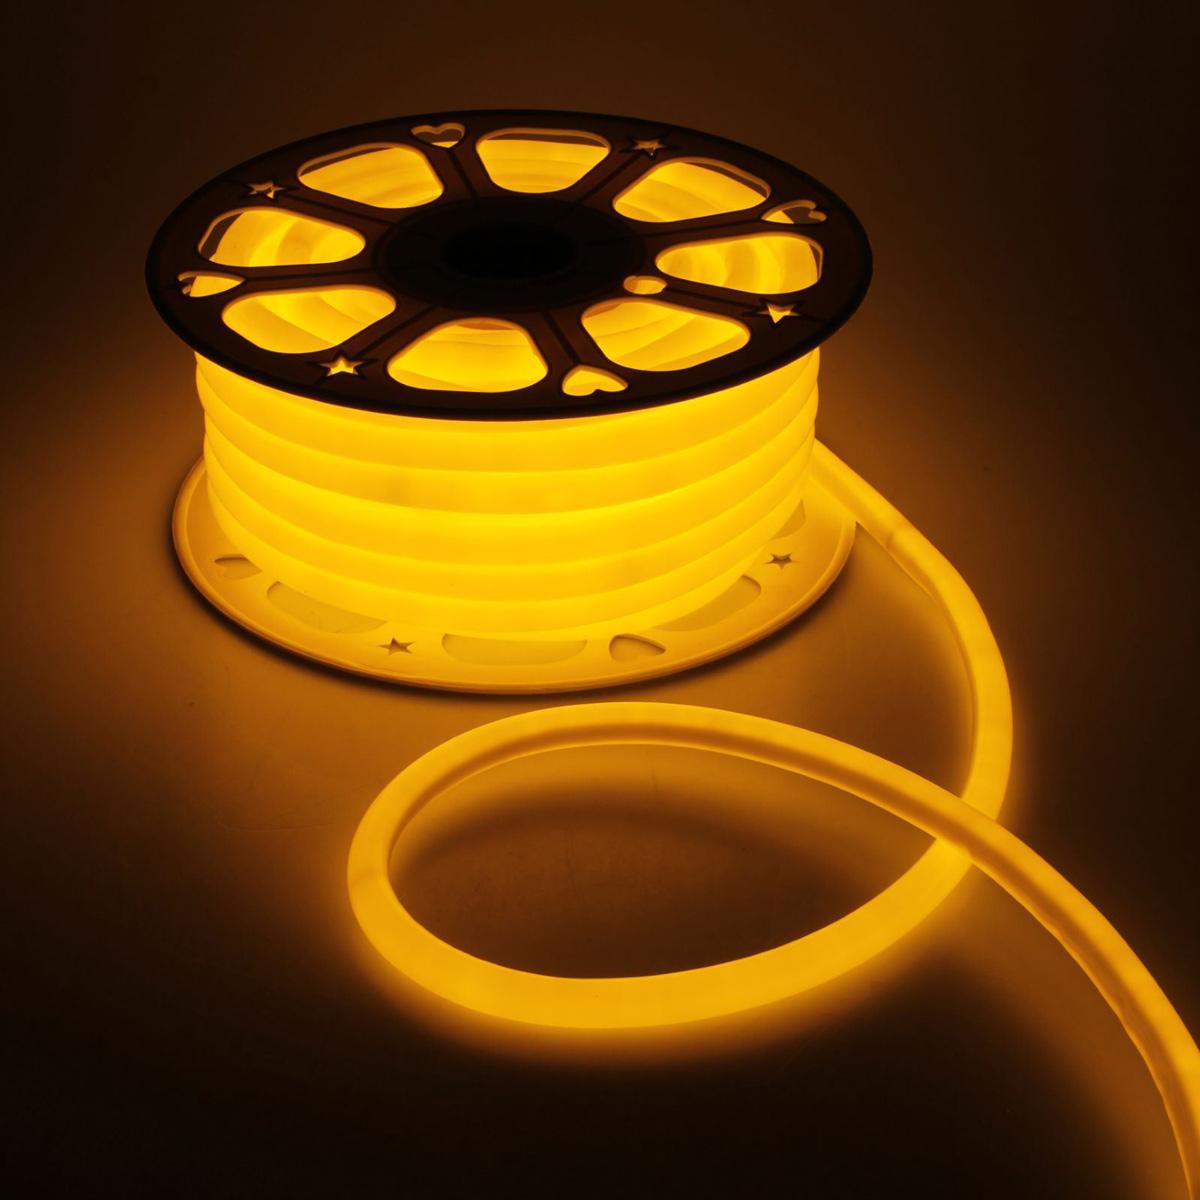 Гирлянда светодиодная Luazon, 120 ламп, 220 V, цвет: желтый, 1,6 см х 25 м. 14313011431301Светодиодные гирлянды, ленты и т.д — это отличный вариант для новогоднего оформления интерьера или фасада. С их помощью помещение любого размера можно превратить в праздничный зал, а внешние элементы зданий, украшенные ими, мгновенно станут напоминать очертания сказочного дворца. Такие украшения создают ауру предвкушения чуда. Деревья, фасады, витрины, окна и арки будто специально созданы, чтобы вы украсили их светящимися нитями.